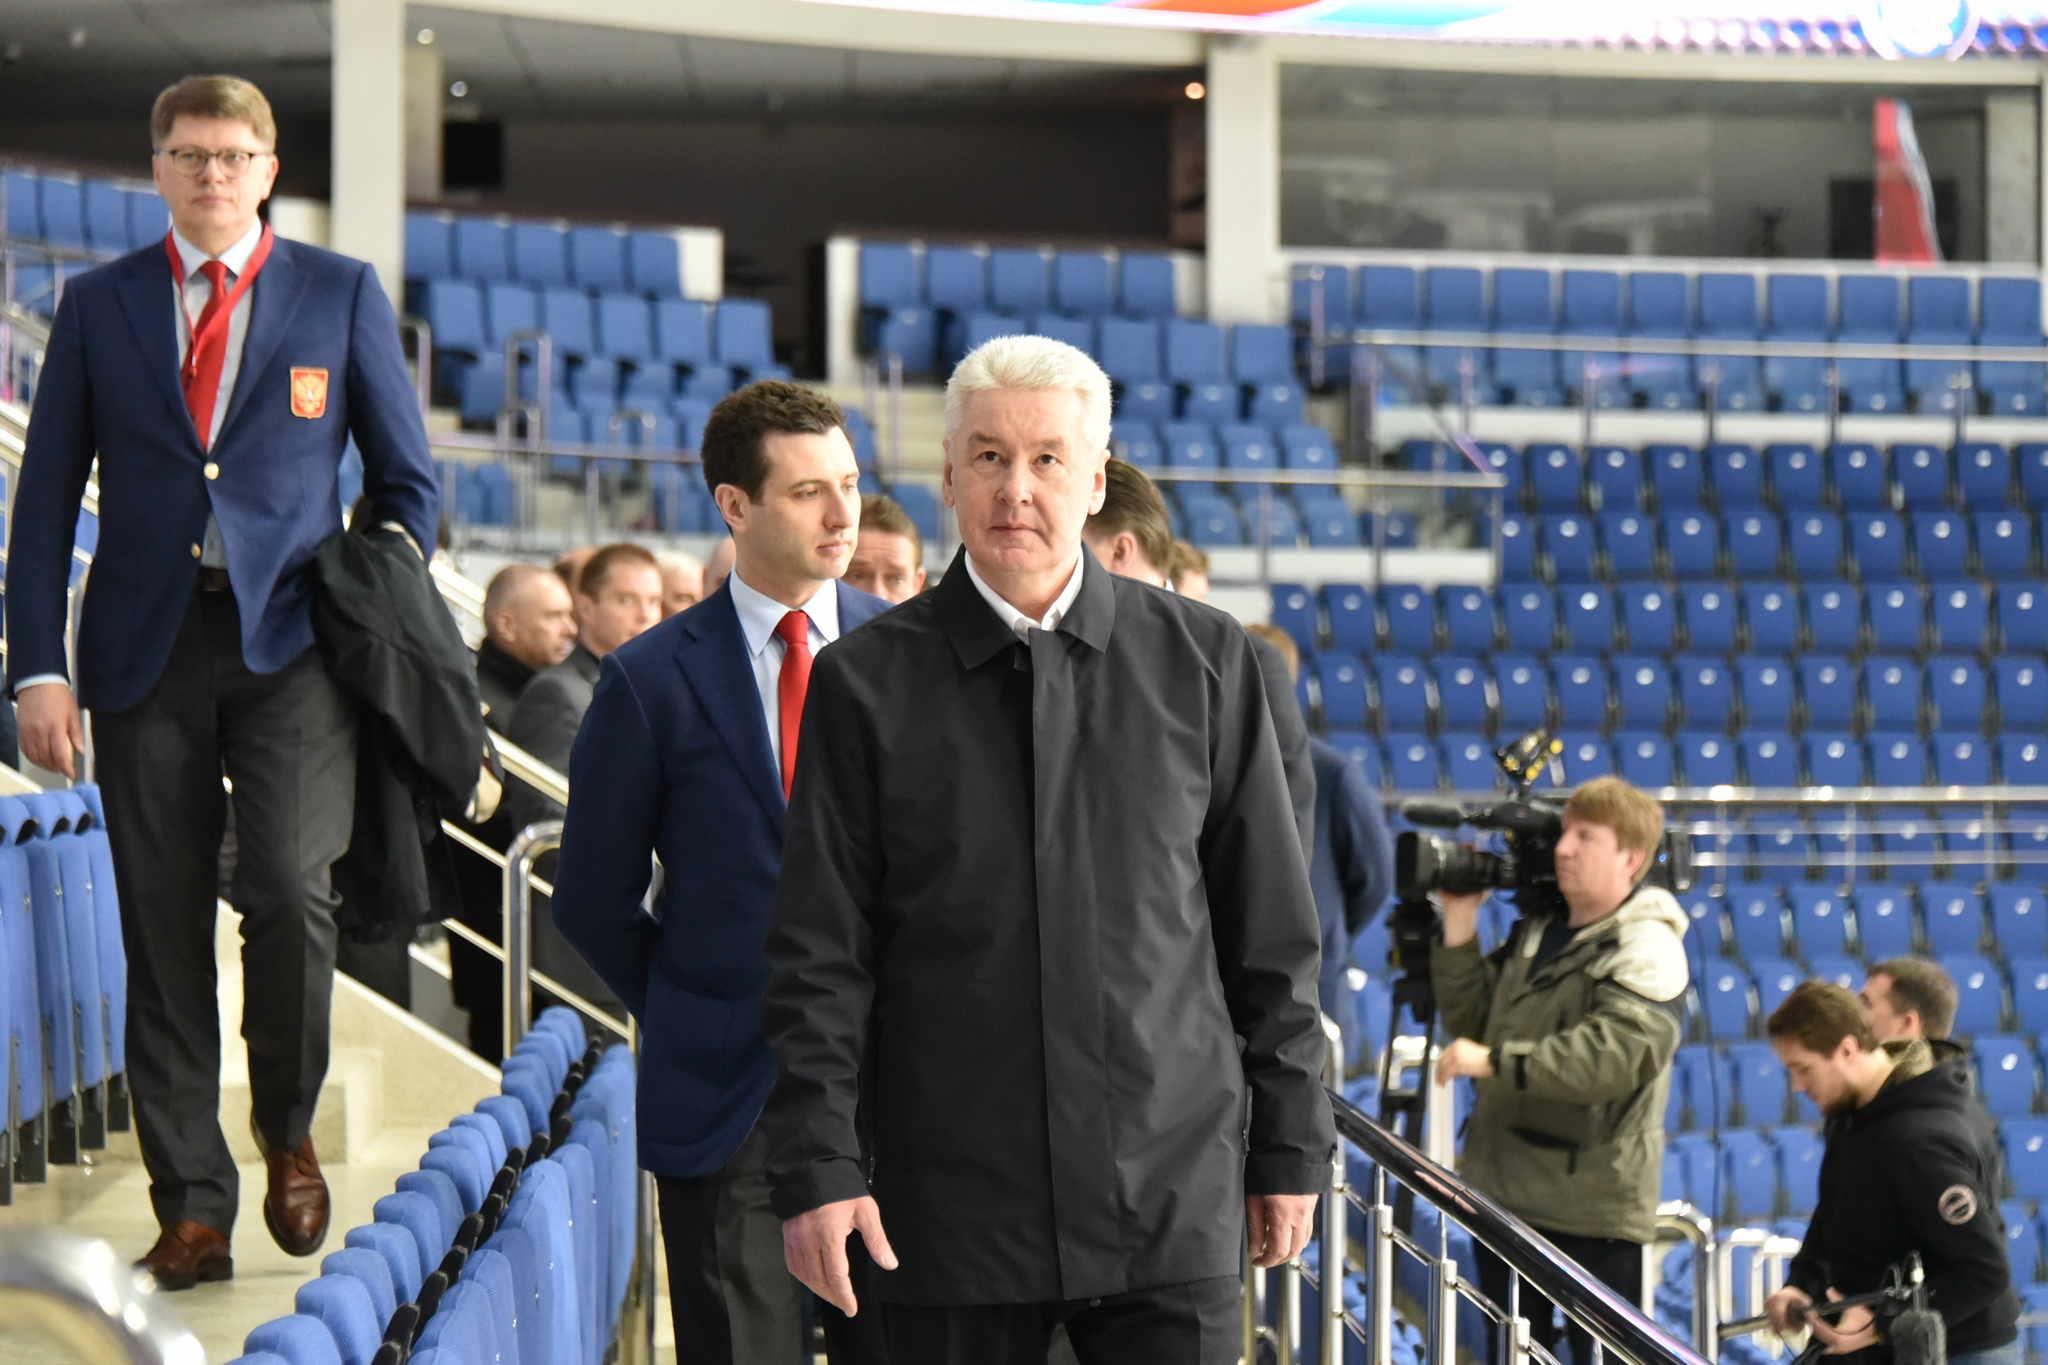 Мэр Москвы Сергей Собянин осмотрел спортивный комплекс «Парк Легенд» в преддверии чемпионата мира по хоккею